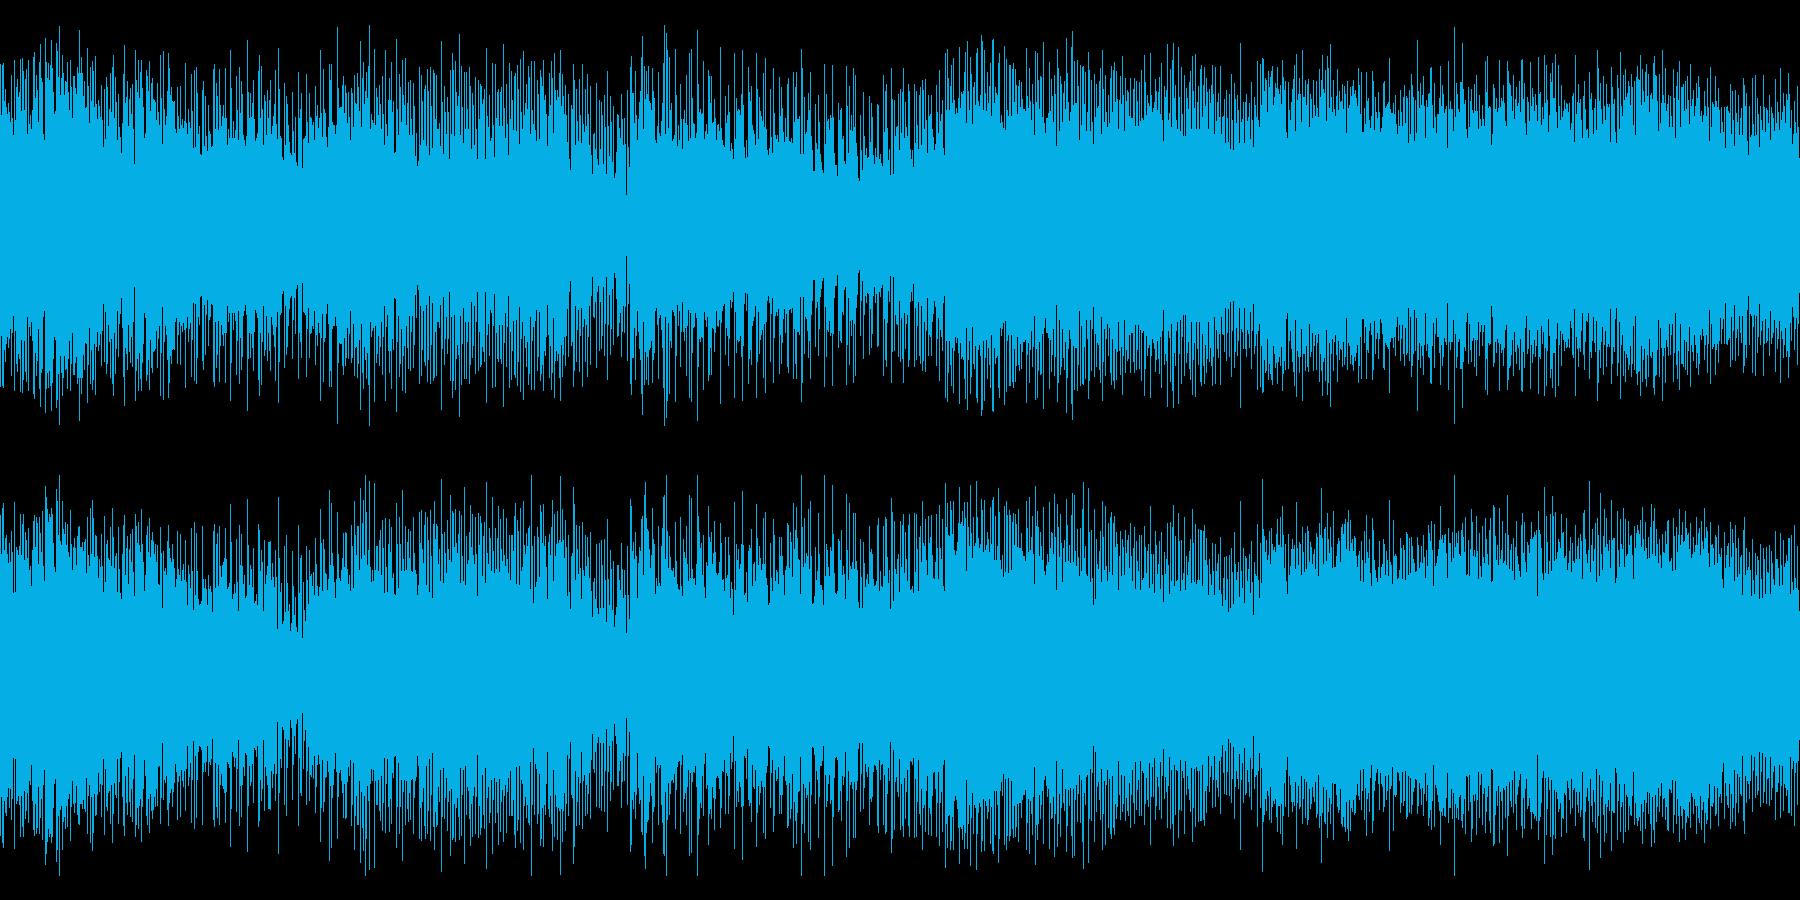 疾走感あるオルタナティブ・ロックの再生済みの波形